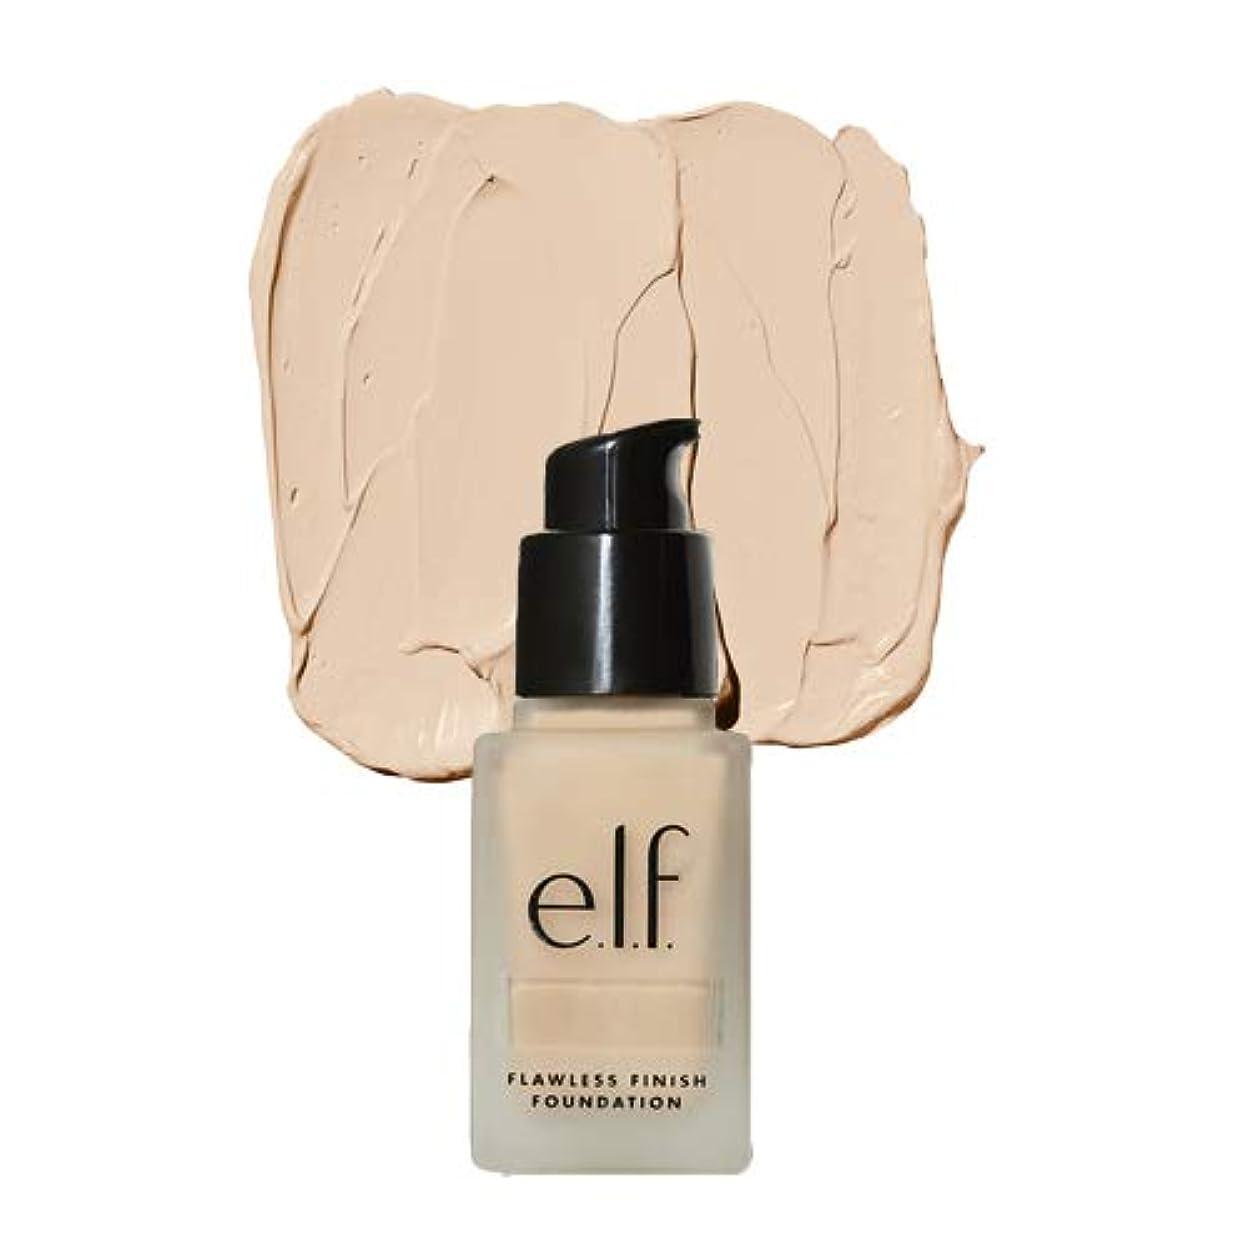 有限極貧農奴(3 Pack) e.l.f. Oil Free Flawless Finish Foundation - Beige (並行輸入品)